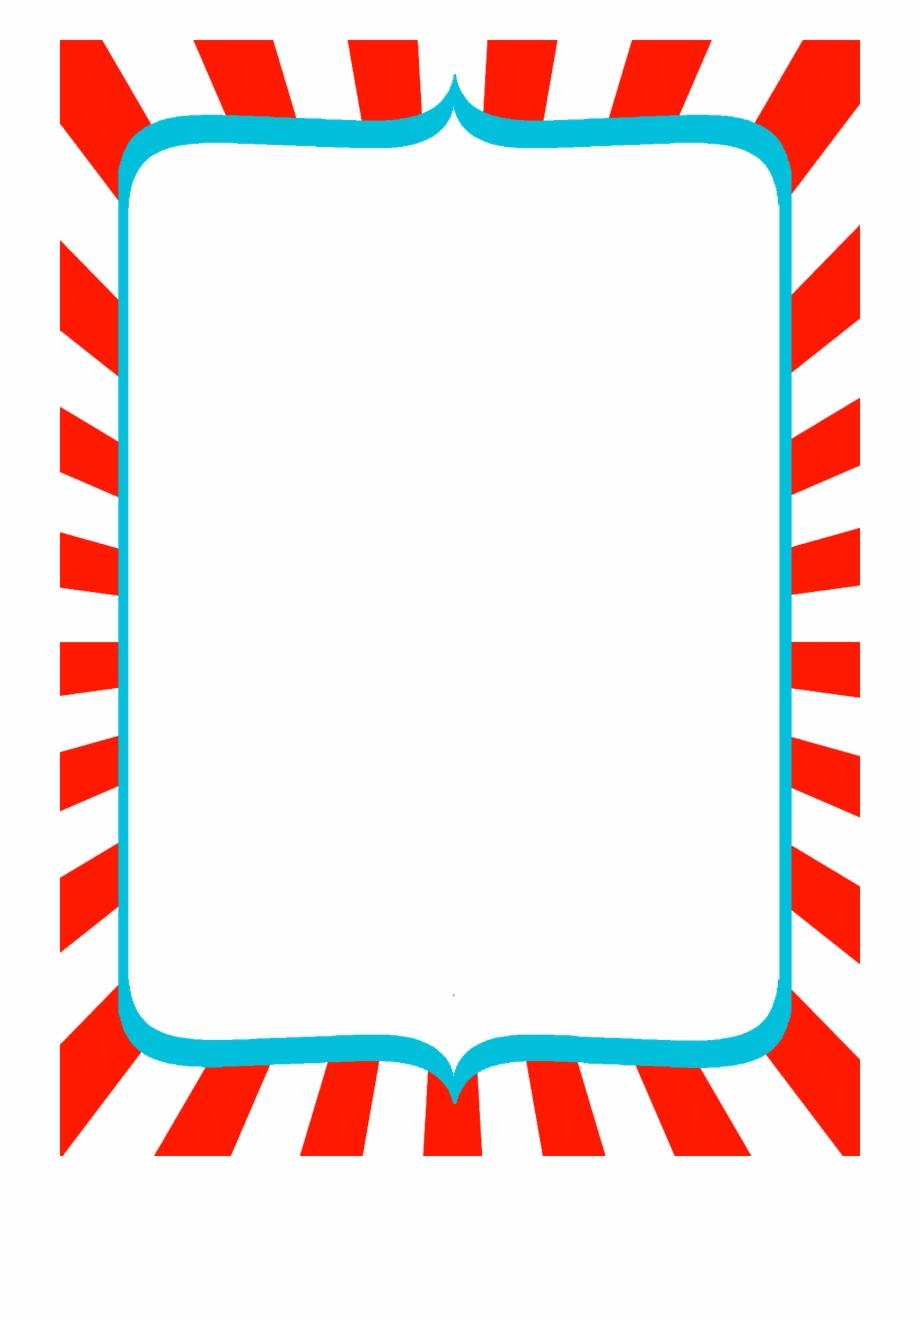 Free dr seuss border clipart clip transparent Dr Seuss Border Clipart Transparent - Dr Seuss Border Clip Art ... clip transparent